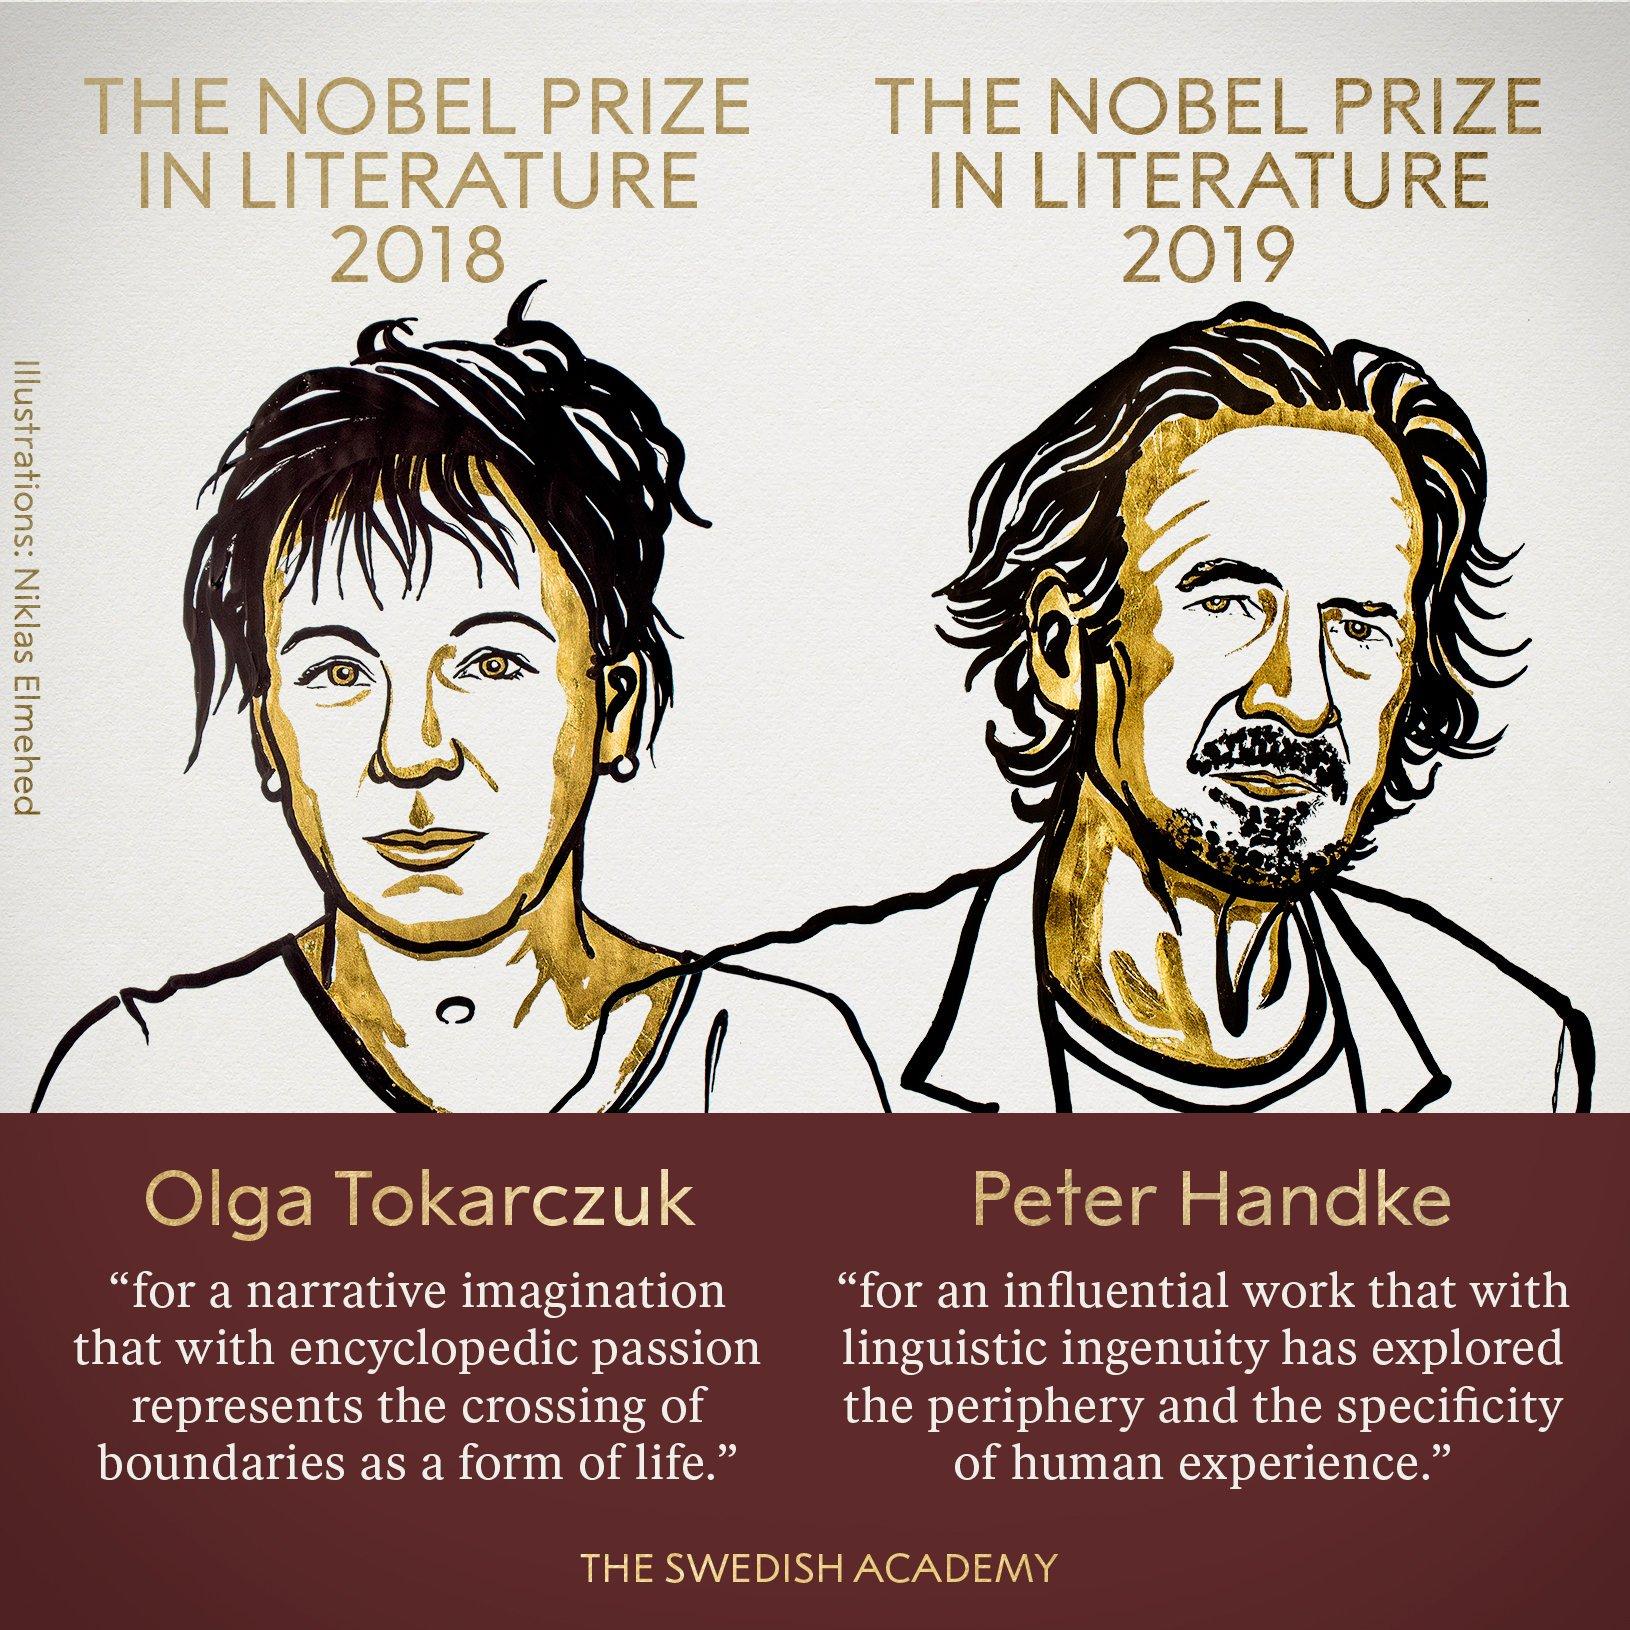 Нобелевский комитет вручил награды по литературе сразу за два года — Ольге Токарчук и Петеру Хандке